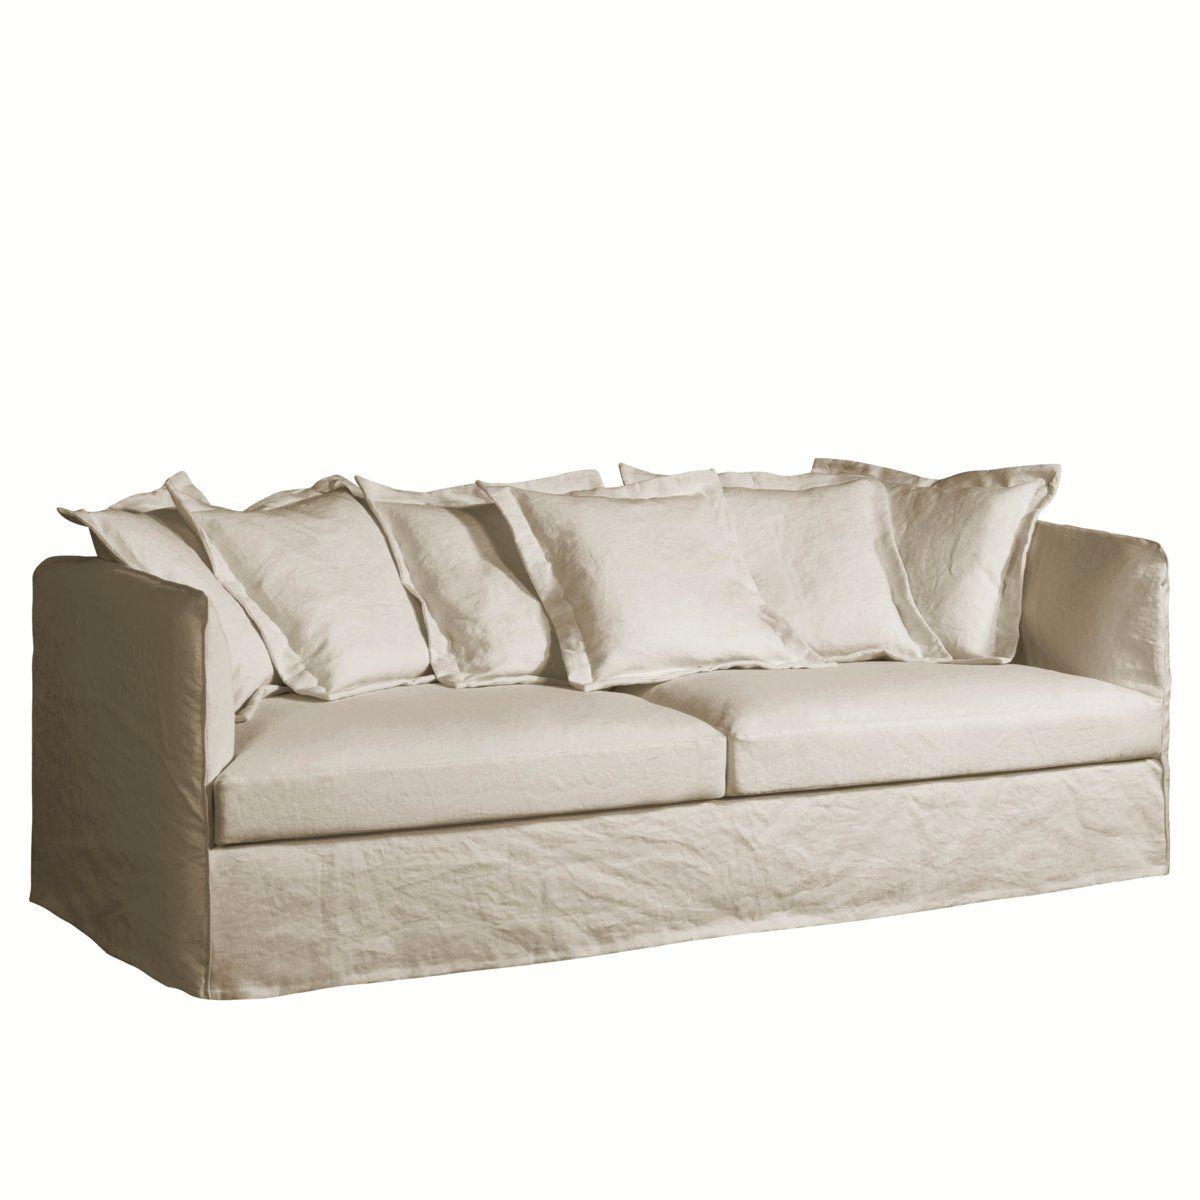 Canapé Moelleux Assise Profonde canapé néo chiquito lin froissé, am.pm   furniture, home